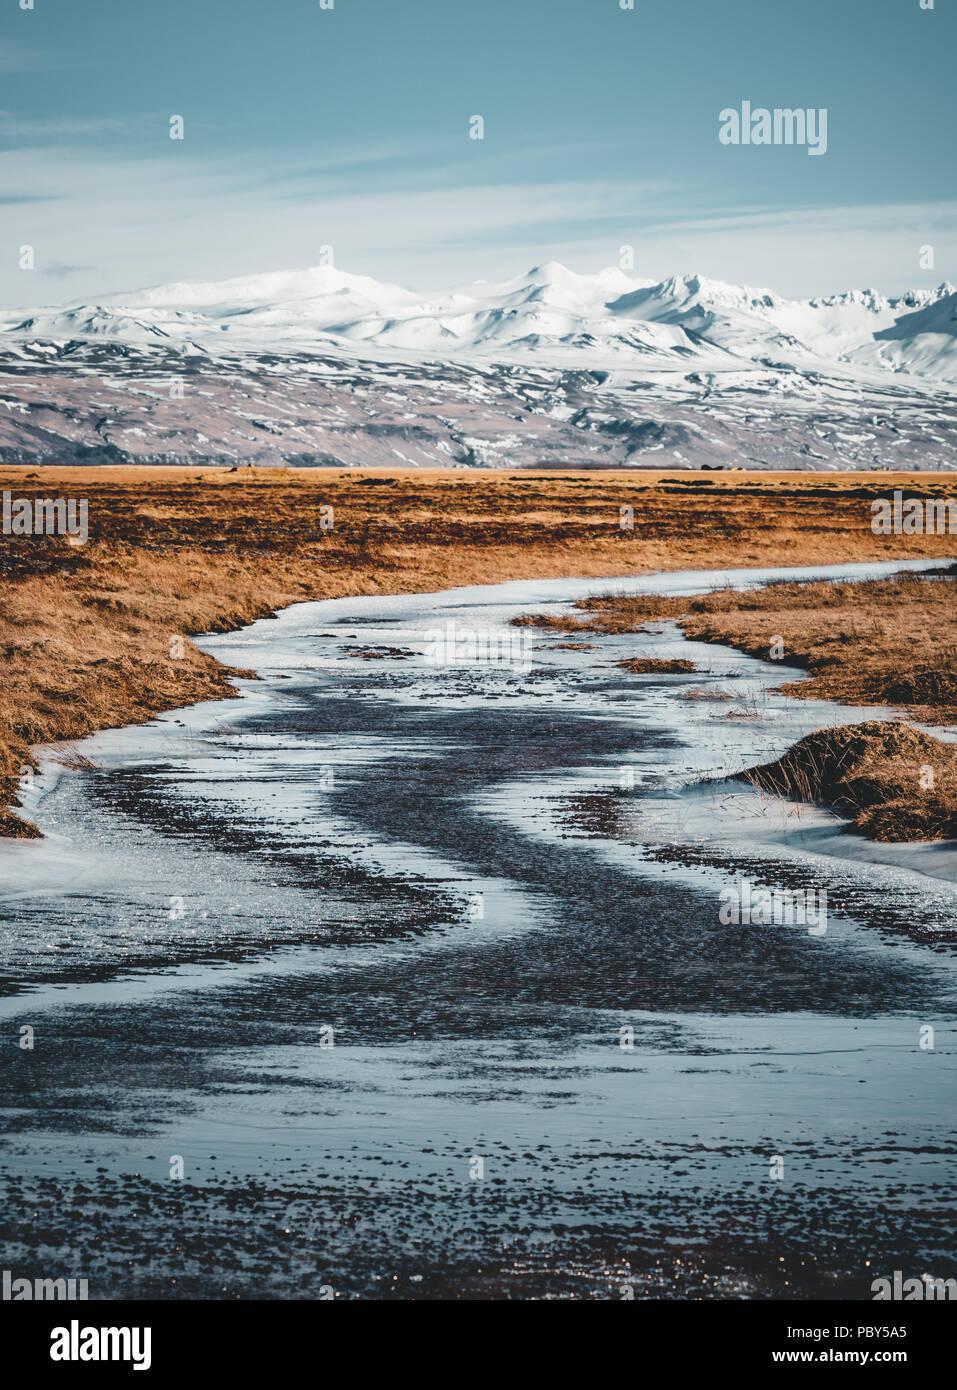 Islanda tipico di montagna scena invernale con erba in primo piano e imponente montagna in background. Foto Stock